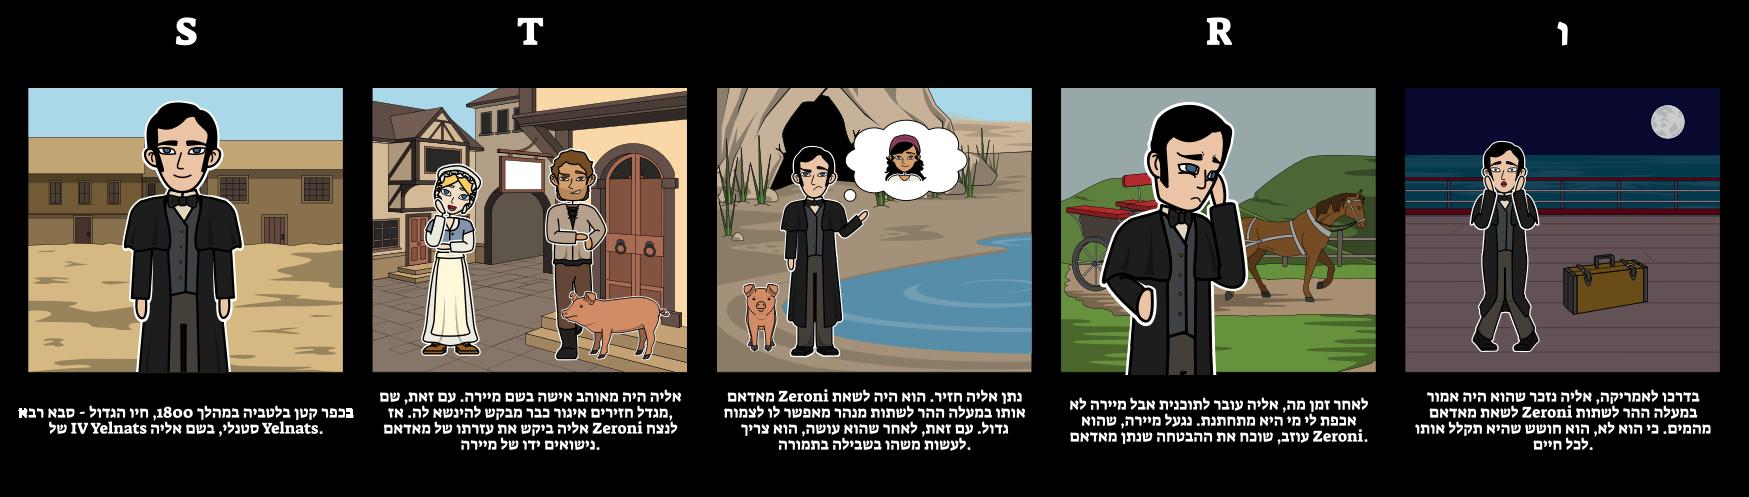 חורים - סיפורה של Yelnats אליה